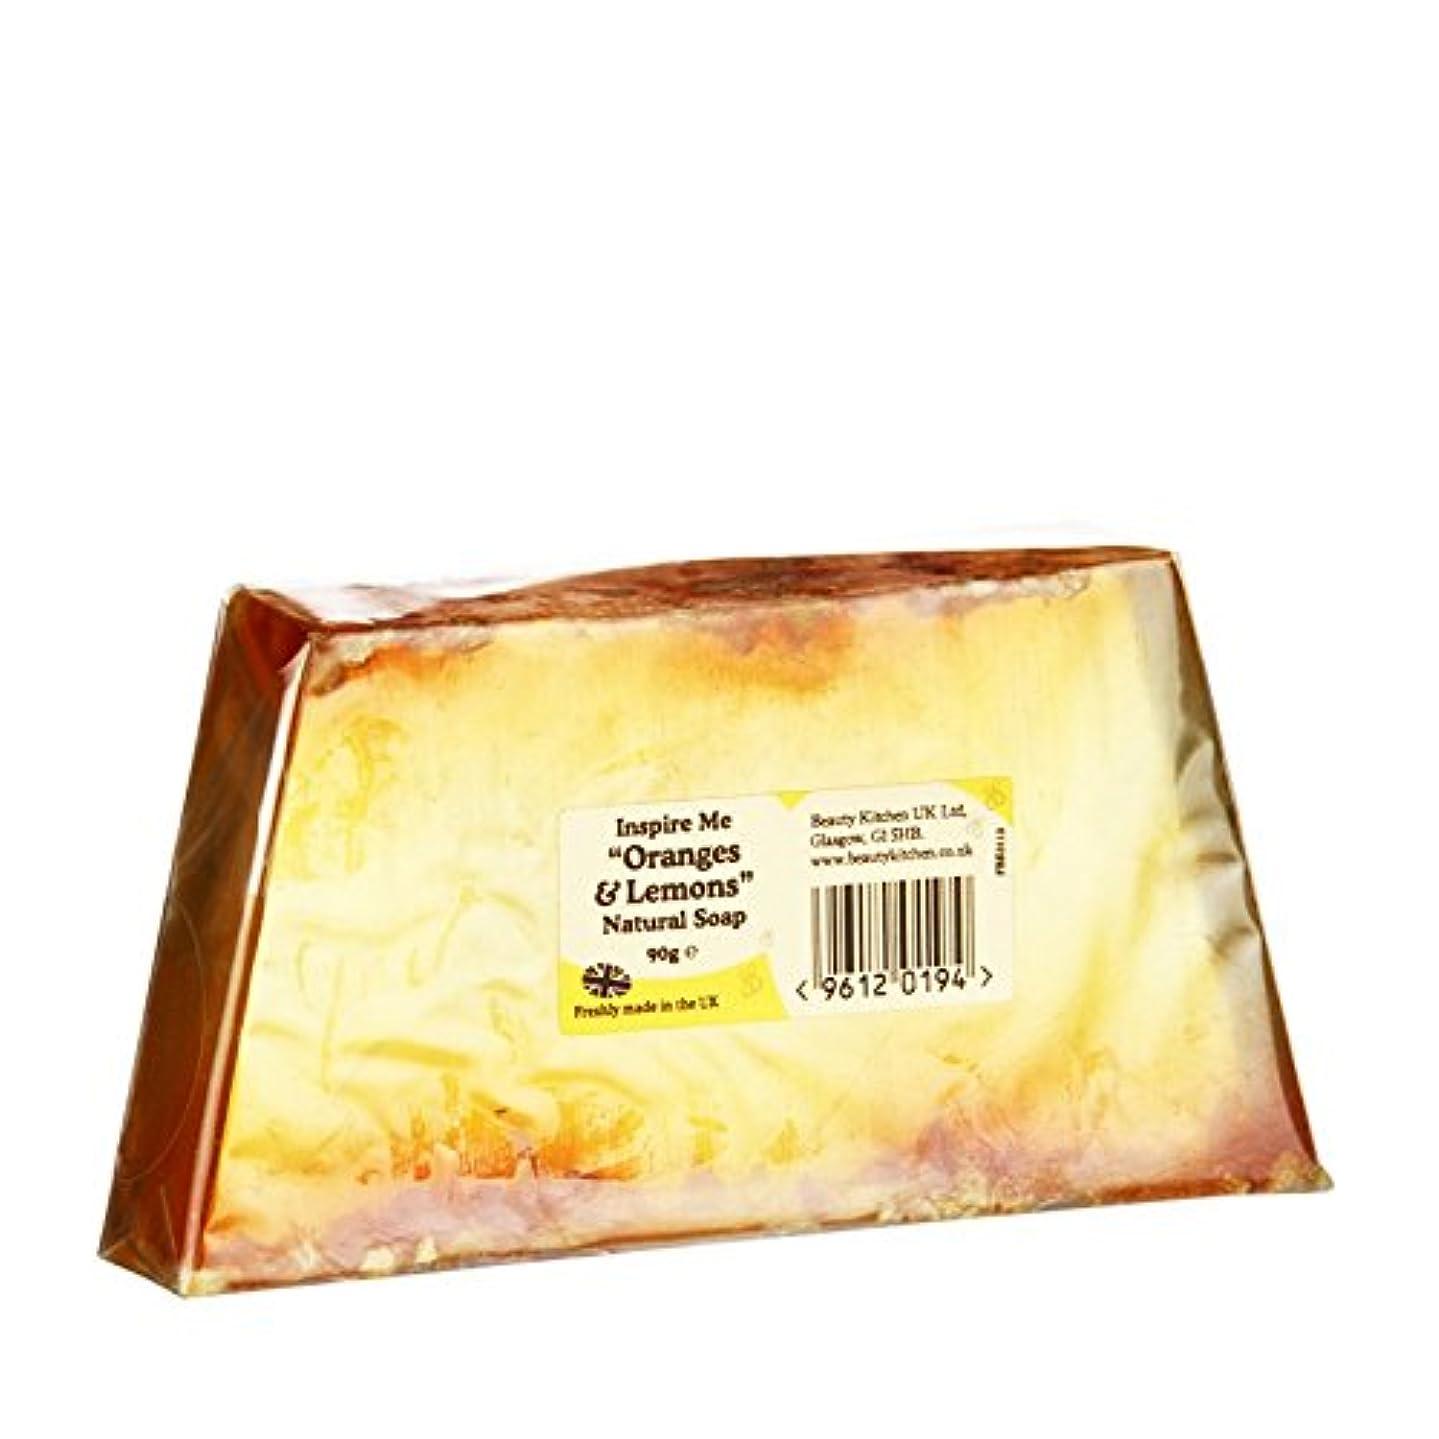 ヒョウ復活させるトムオードリースBeauty Kitchen Inspire Me Orange & Lemon Natural Soap 90g (Pack of 6) - 美しさのキッチンは私がオレンジ&レモンの天然石鹸90グラム鼓舞します (x6...